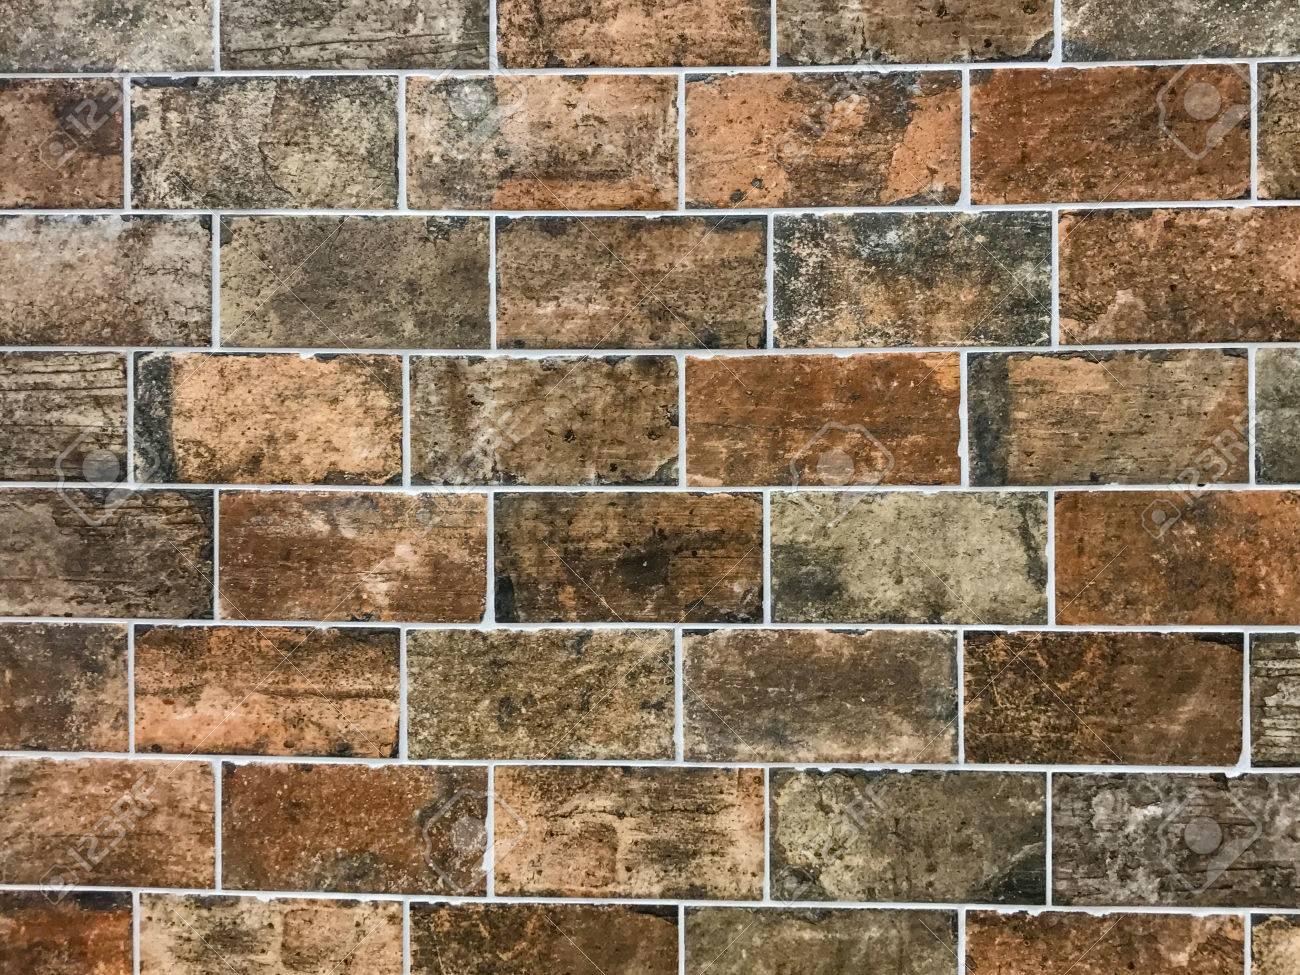 石のタイルの床の背景 壁紙 の写真素材 画像素材 Image